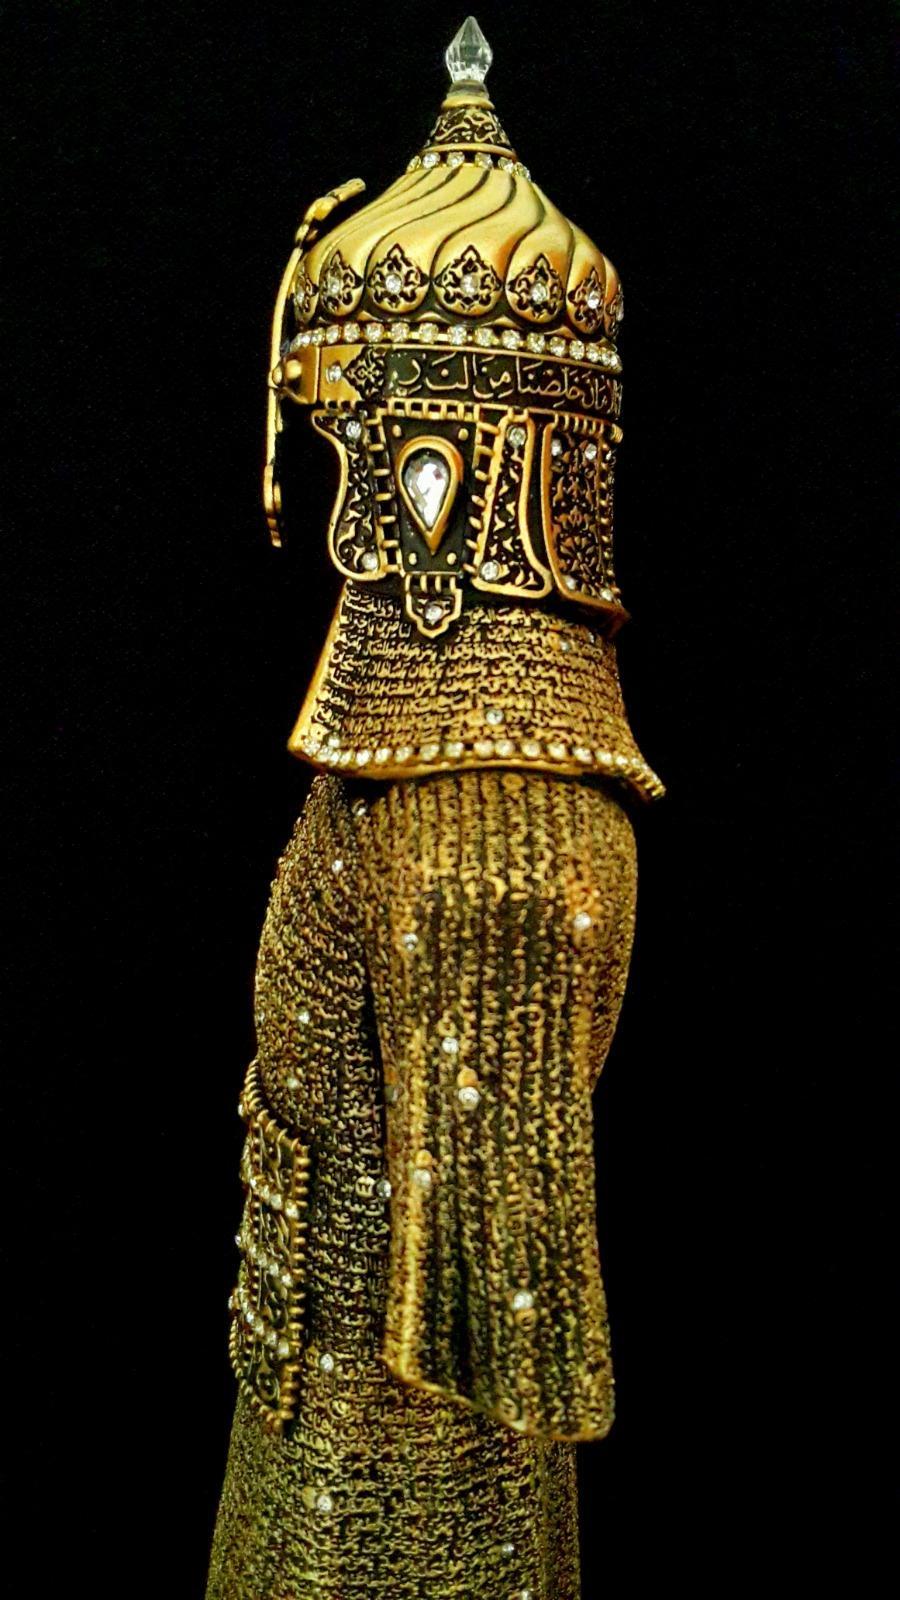 Büyük Boy Cevşen-ül Kebir Dualı Osmanlı Asker Zırhı Yeniçeri, Alp Orijinal Biblo ( 12×34 cm) Biblolar